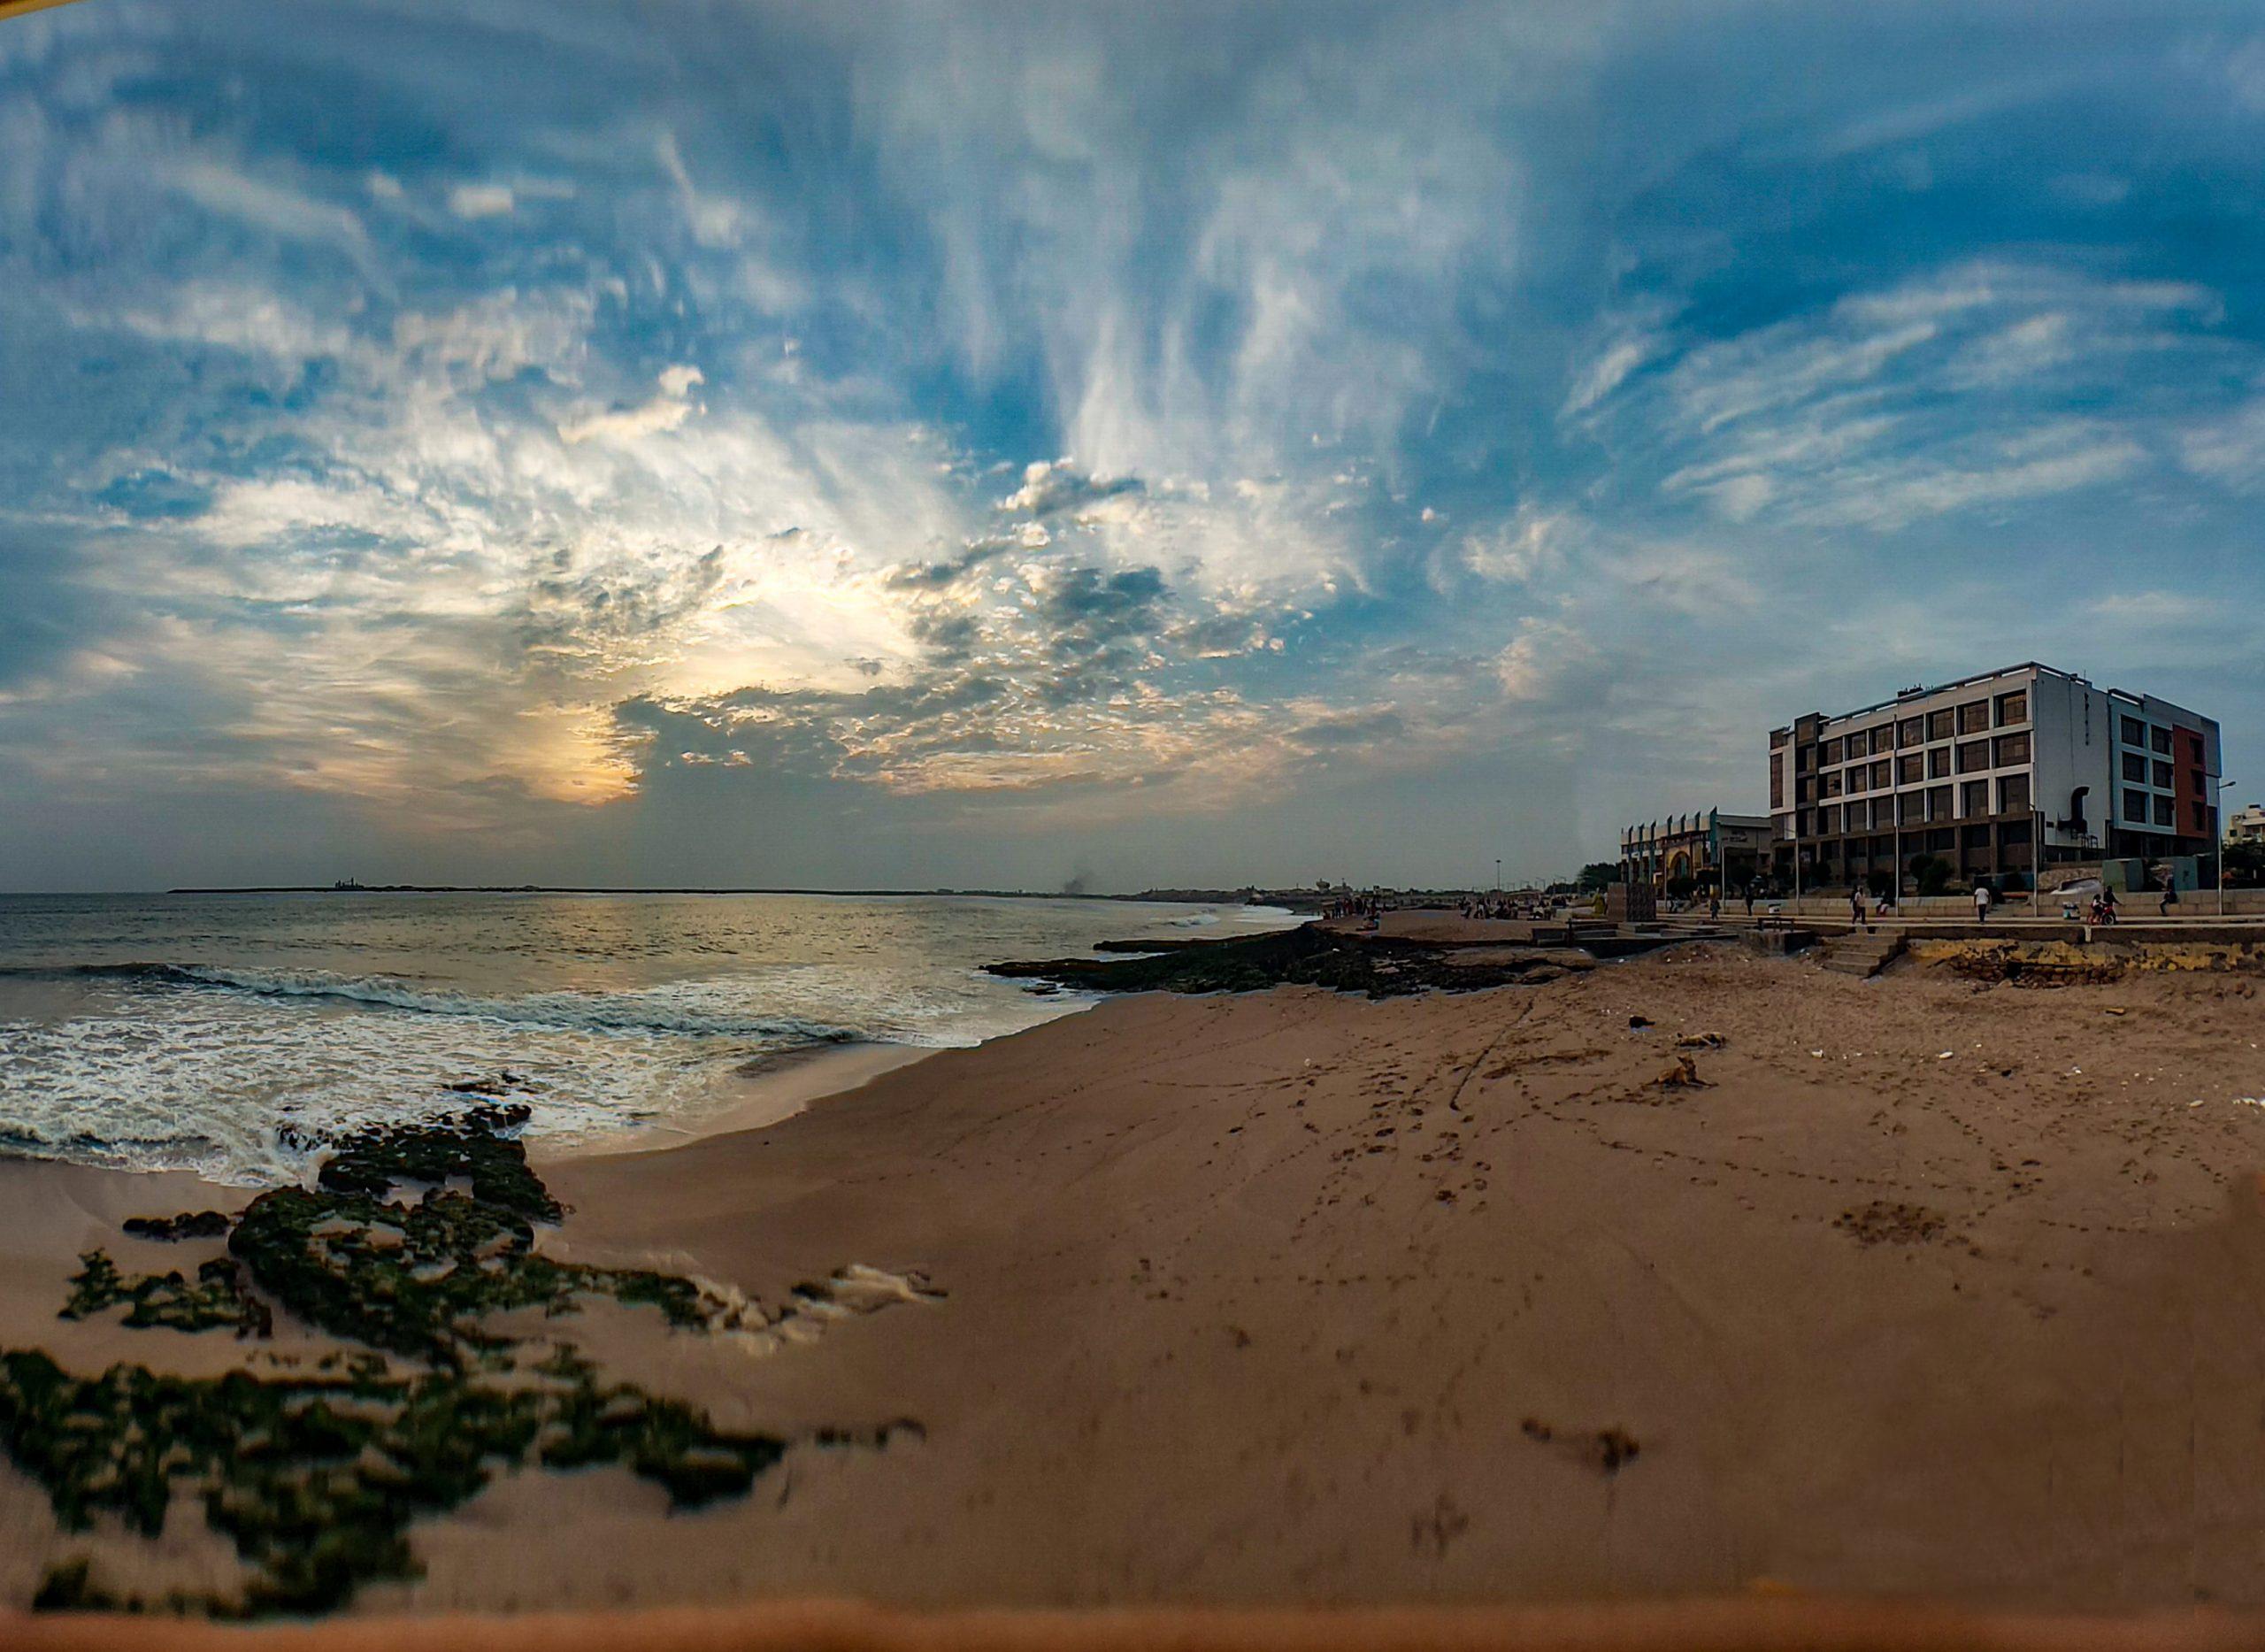 Sea Shore Scenery